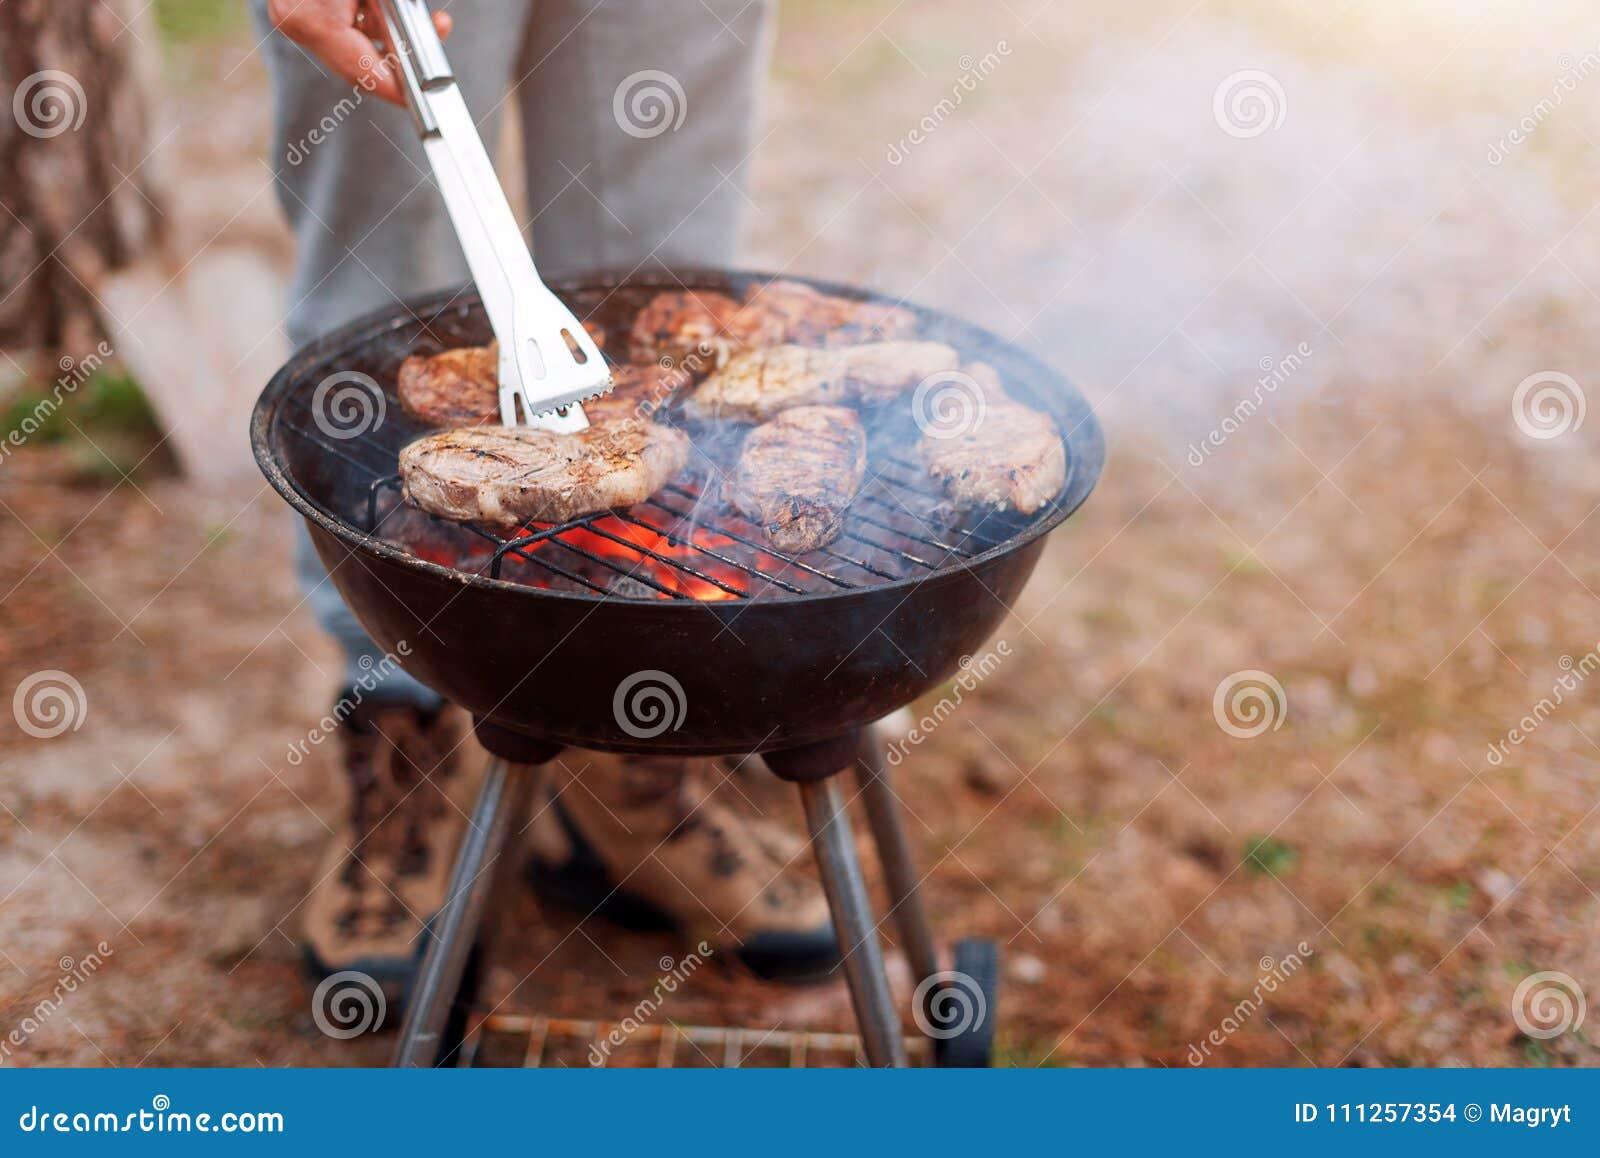 Μαγείρεμα ατόμων, μόνο χέρια, ψήνει το κρέας ή την μπριζόλα για ένα πιάτο στη σχάρα Εύγευστο ψημένο στη σχάρα κρέας στη σχάρα Σαβ